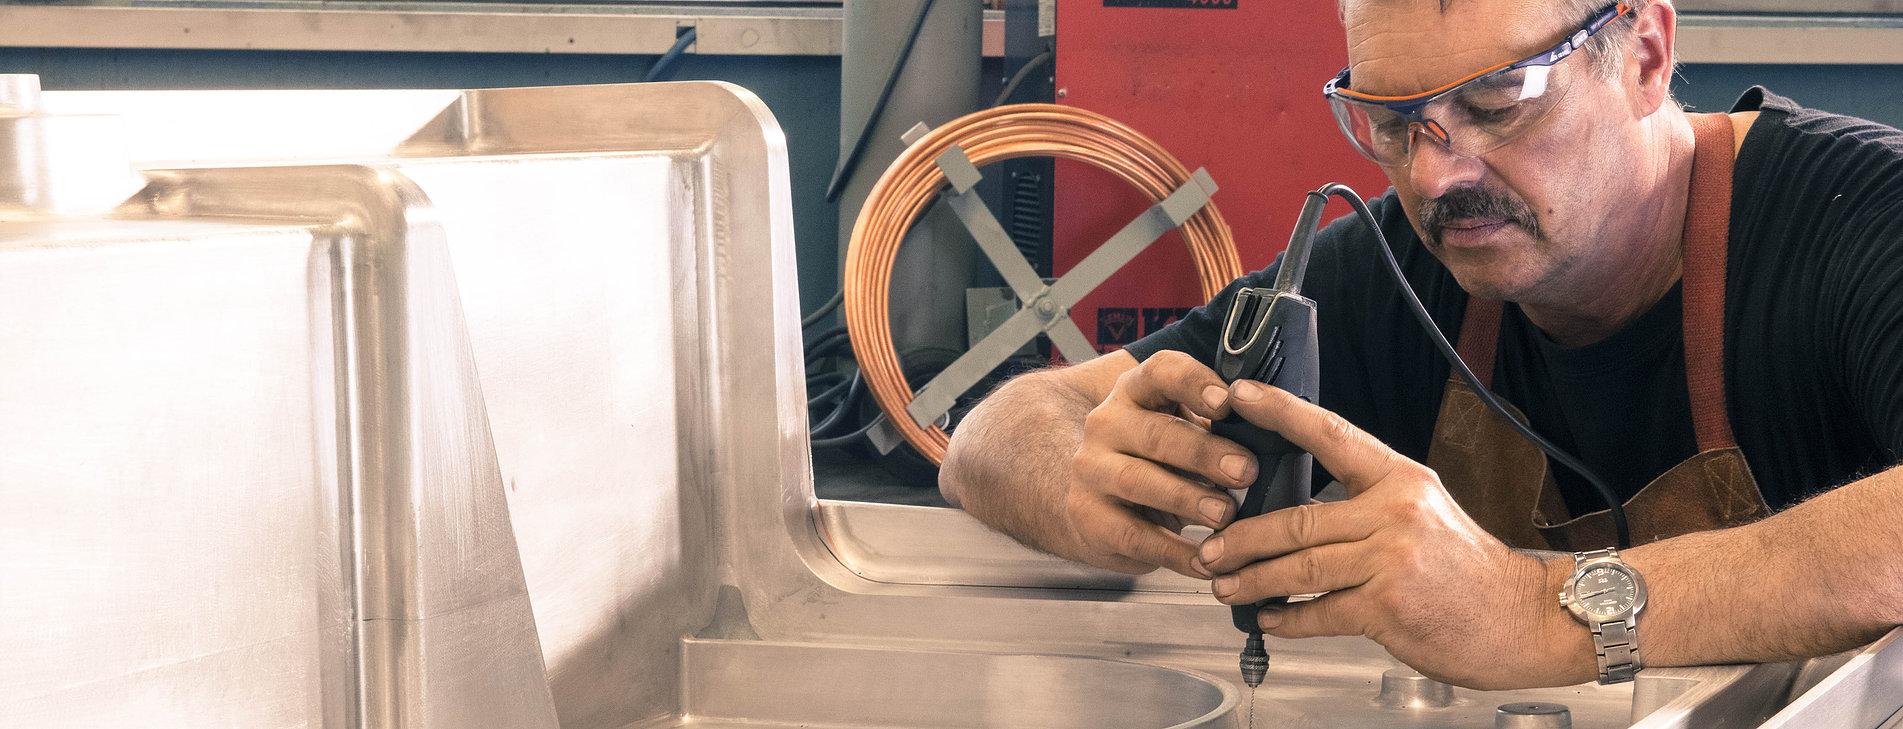 Mitarbeiter von swissplast bohrt an einem Metallteil